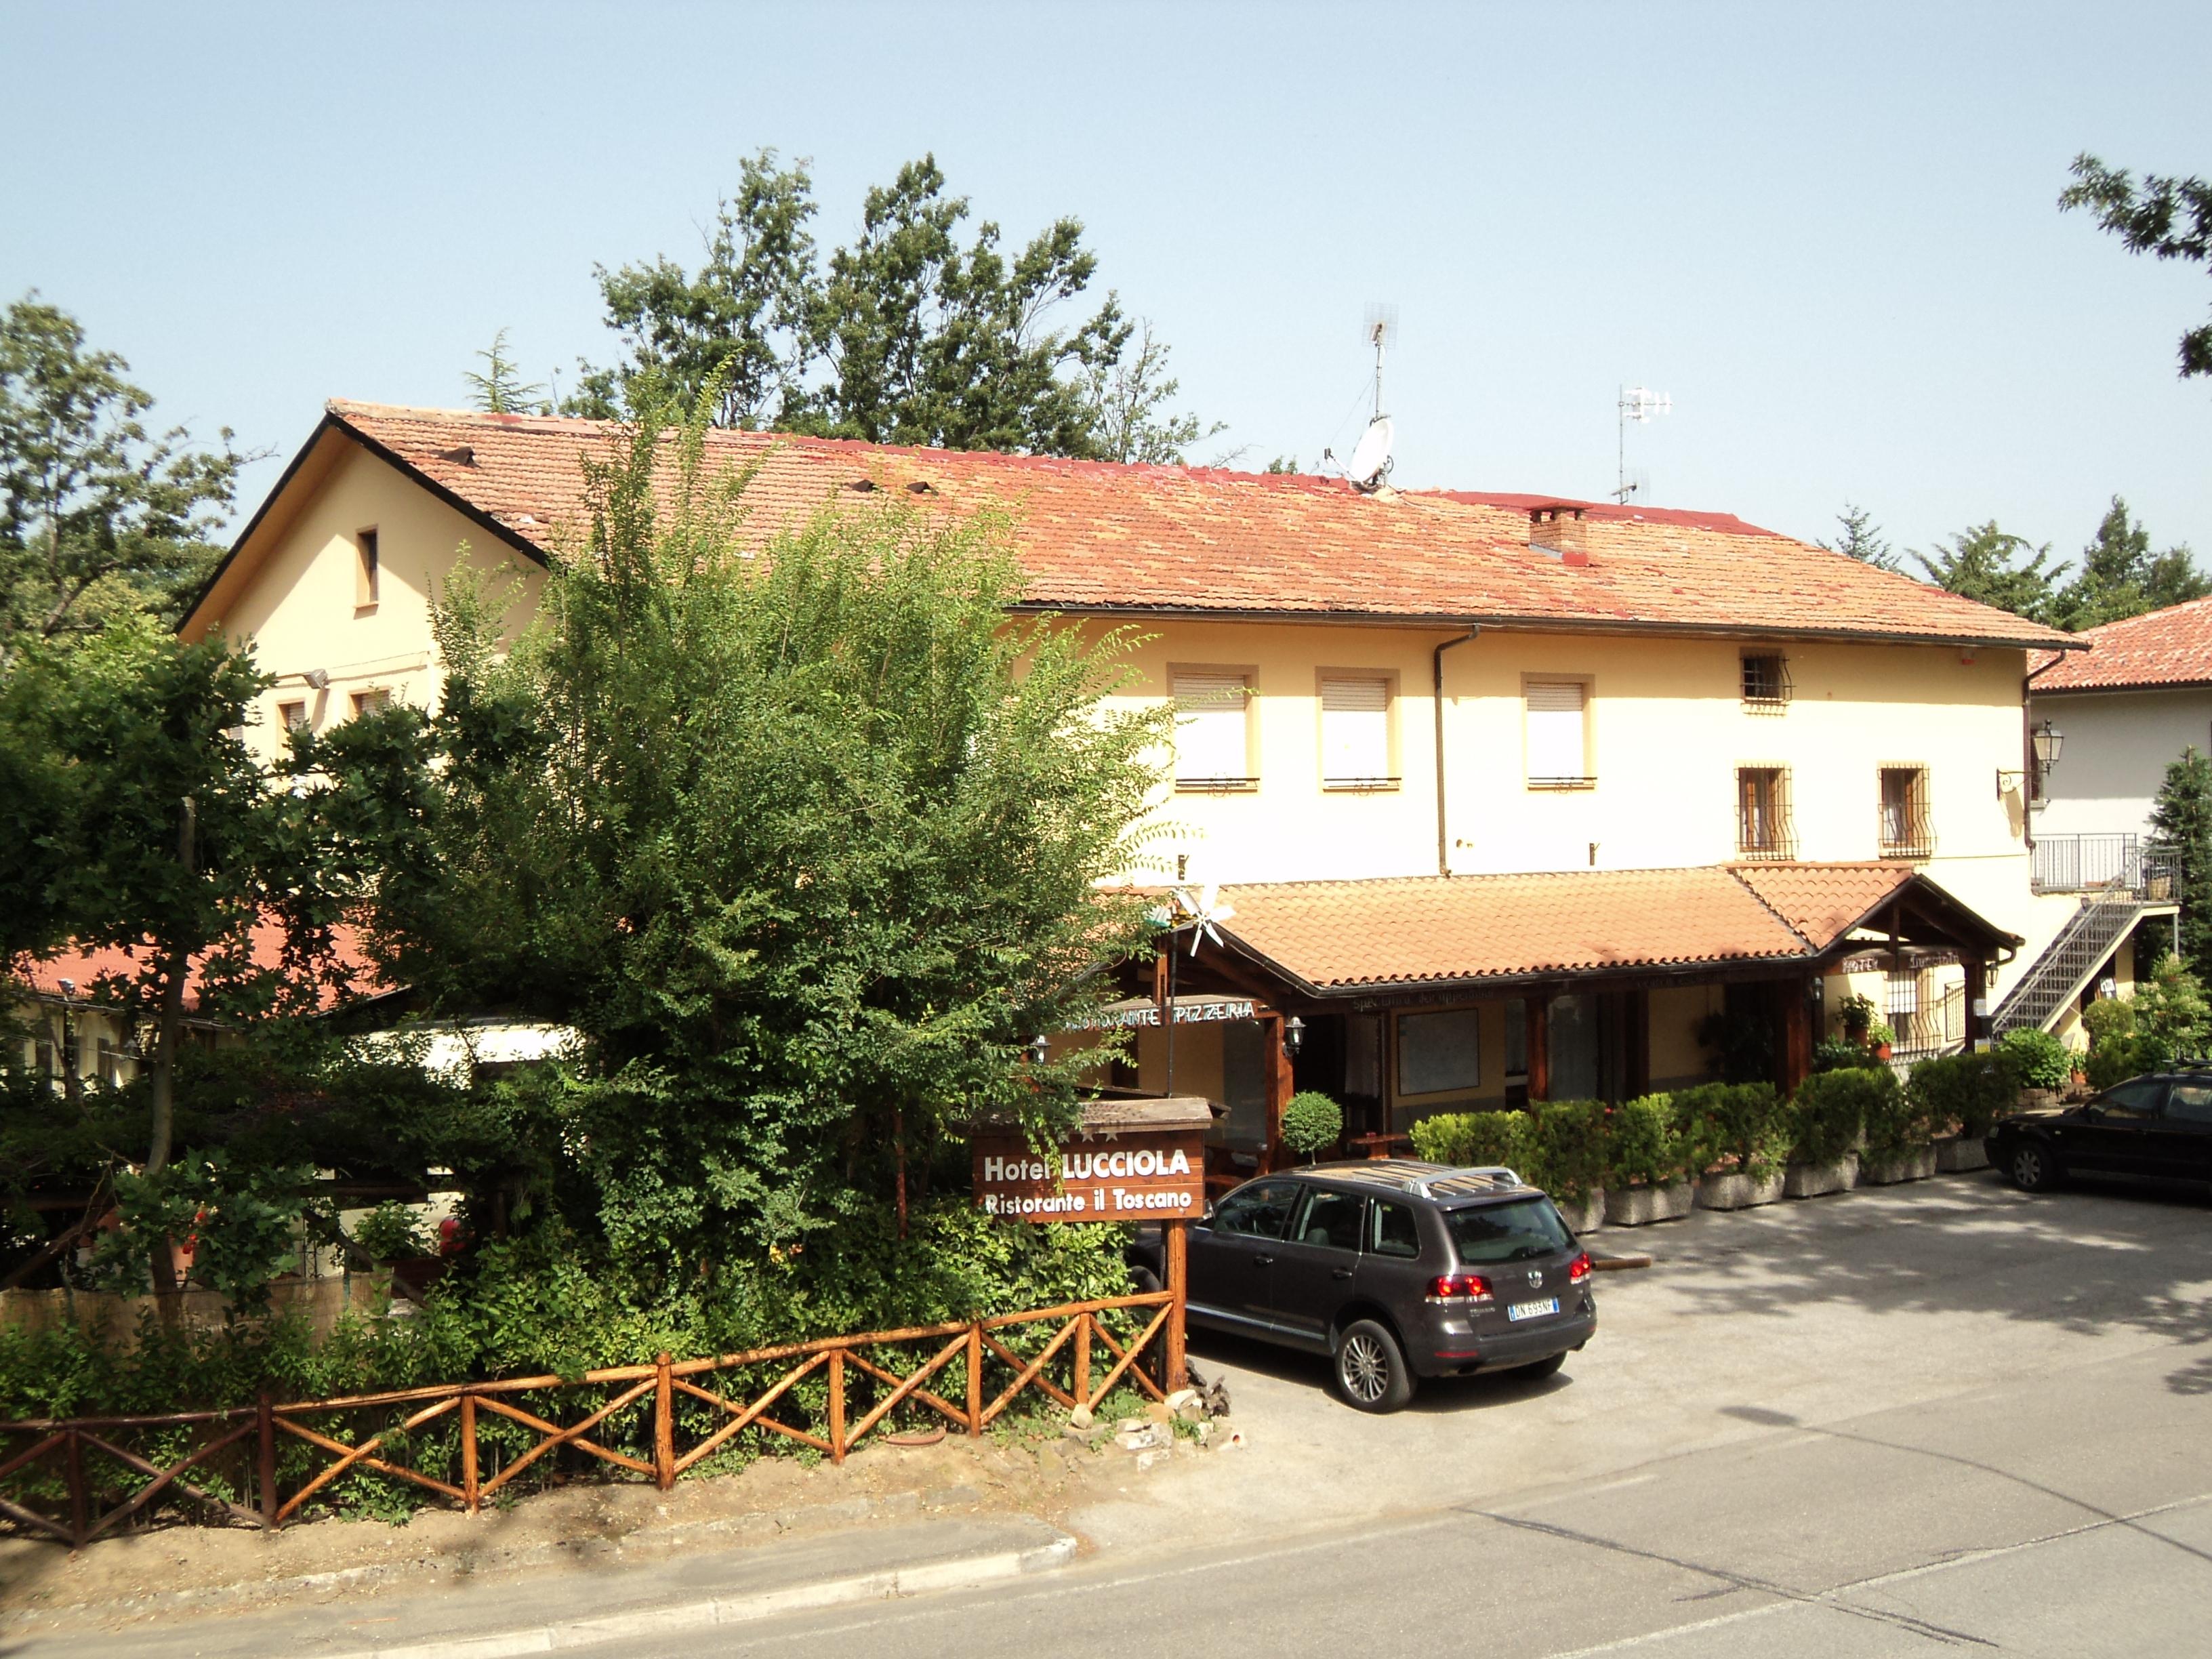 Ristorante, Pizzerie per celiaci a Forlì-Cesena